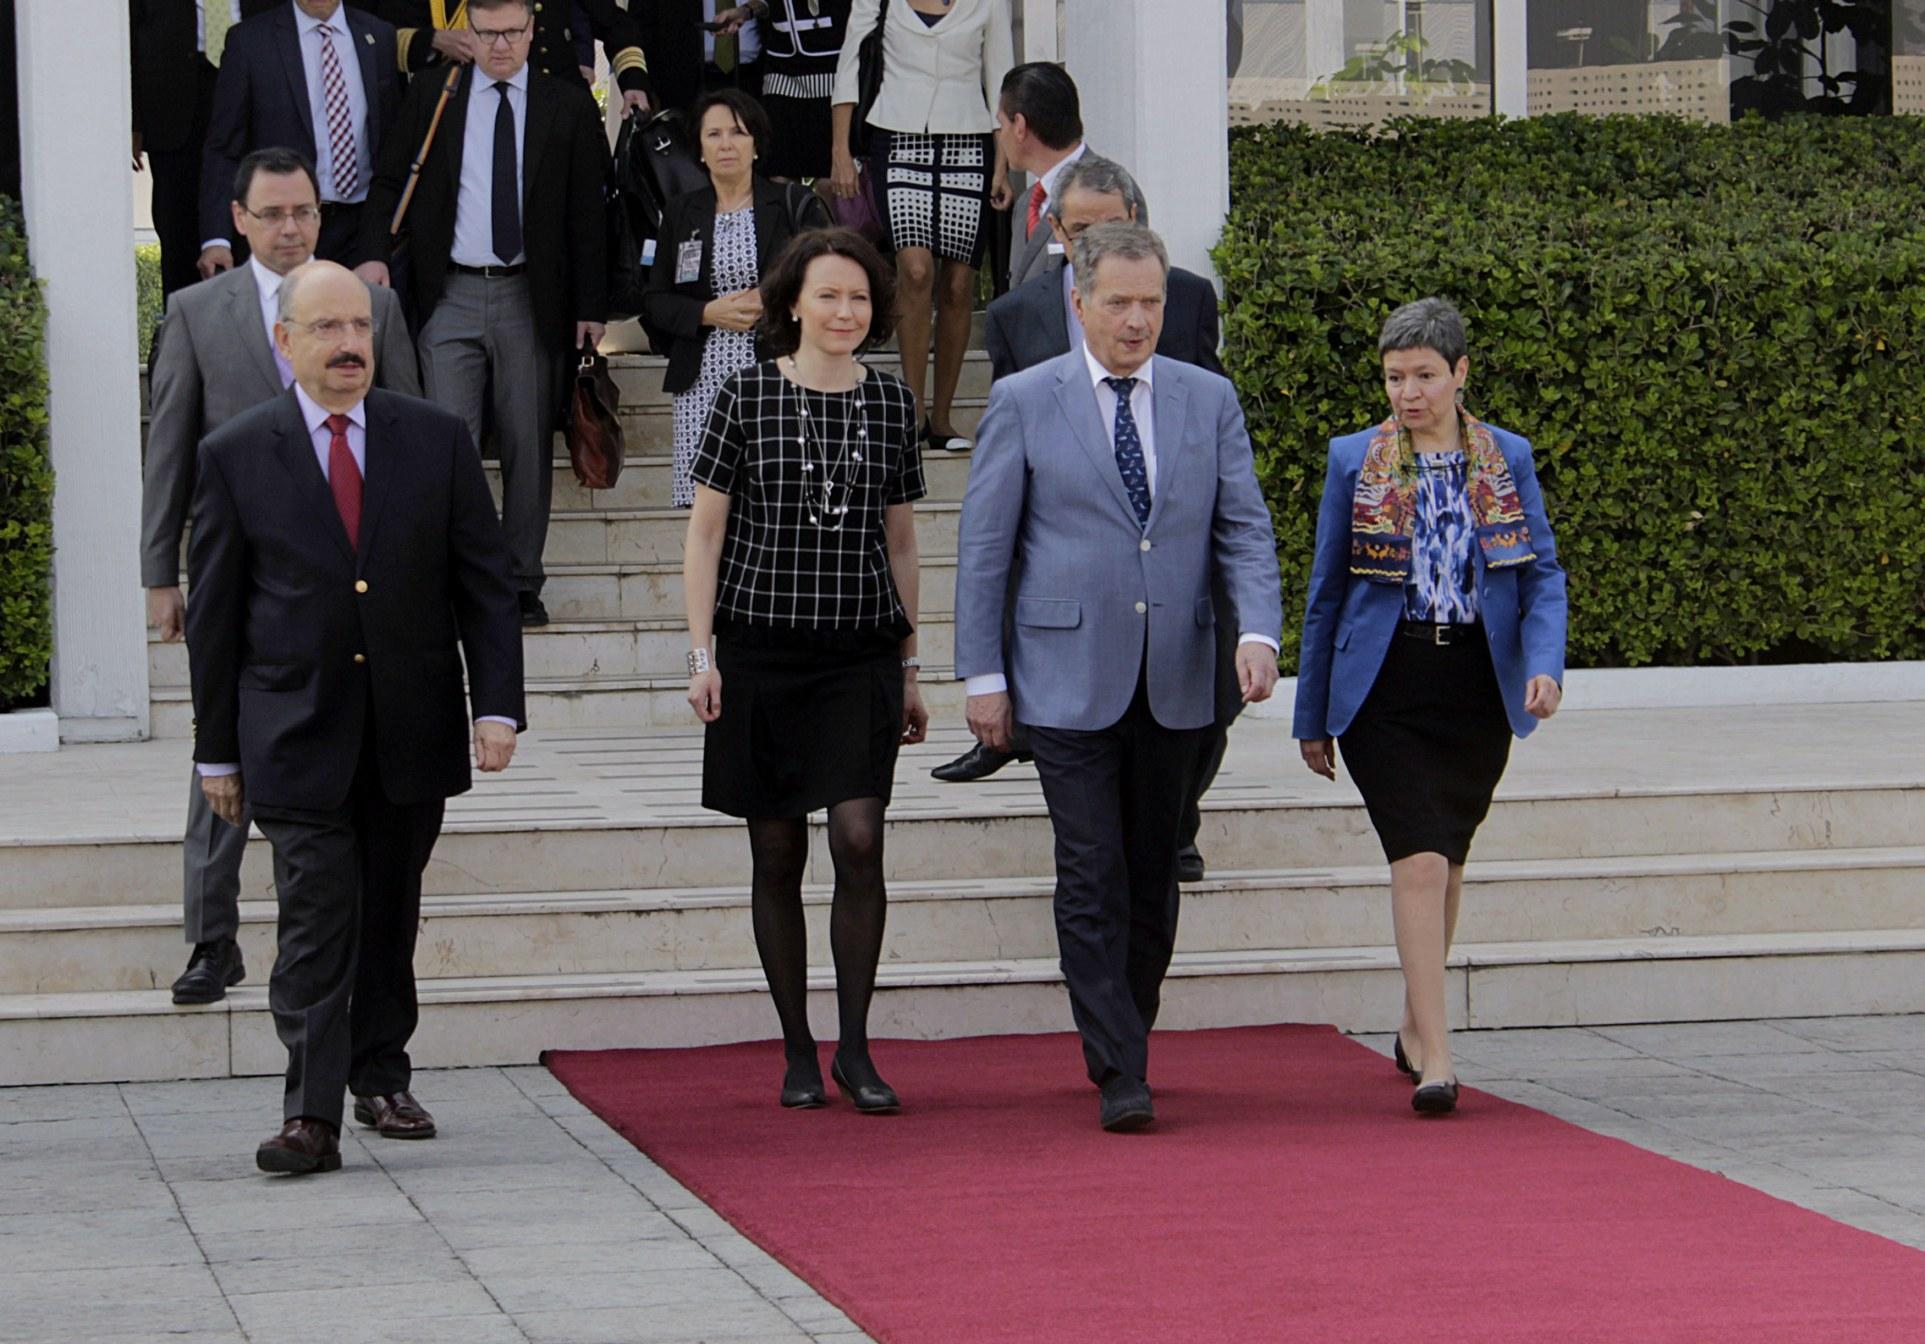 FOTO 2 Despedida presidente de Finlandia  Sauli Niinist jpg